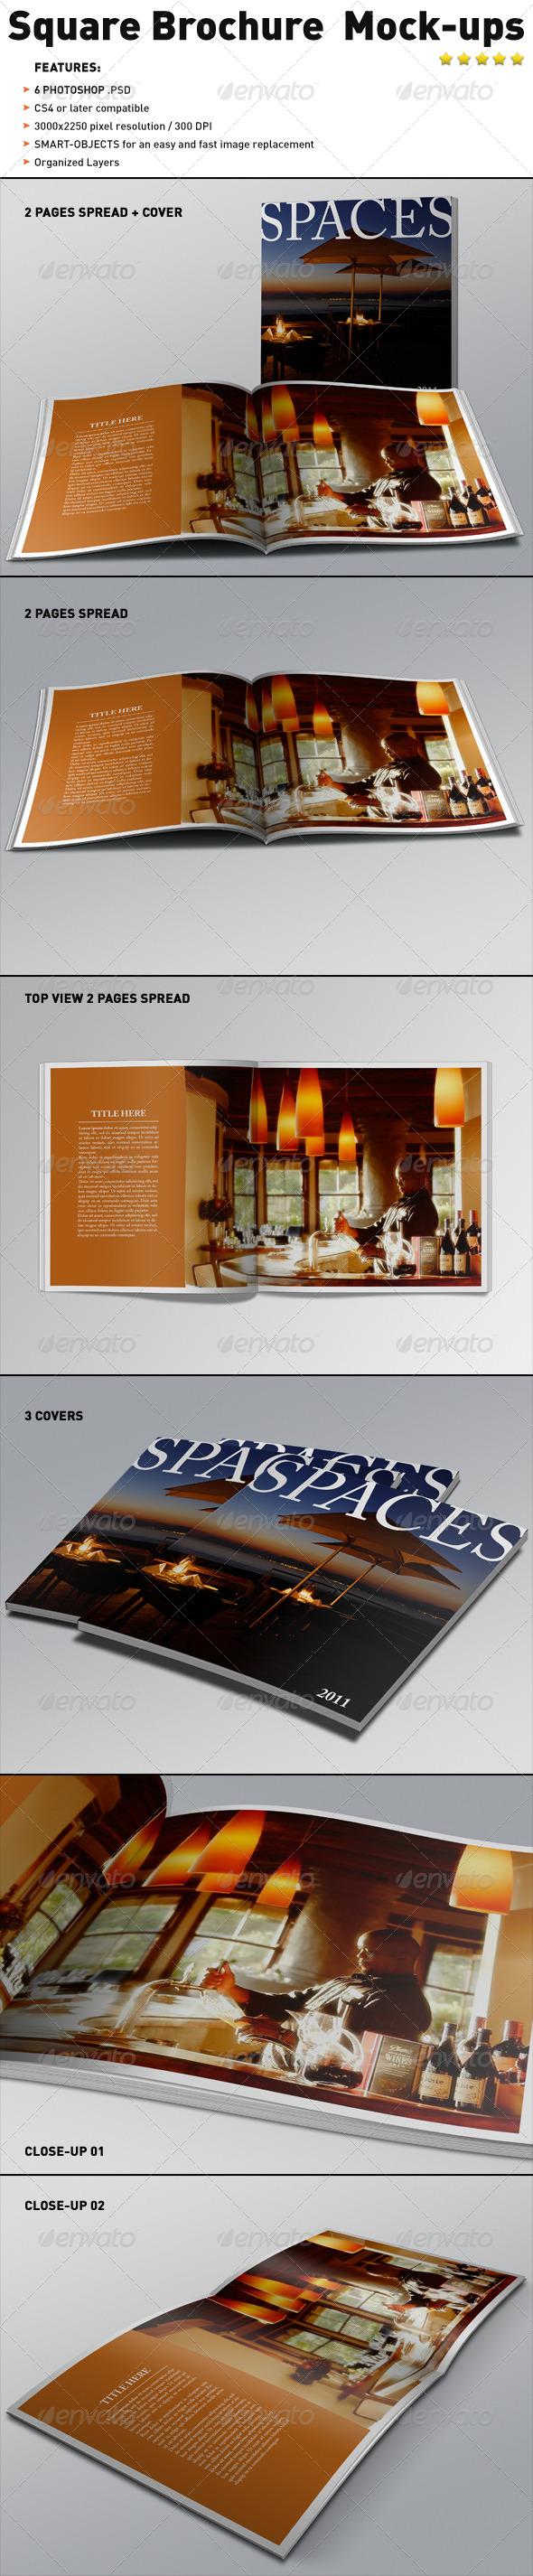 Realistic Square Brochure Mock-ups Templates - Brochures Print